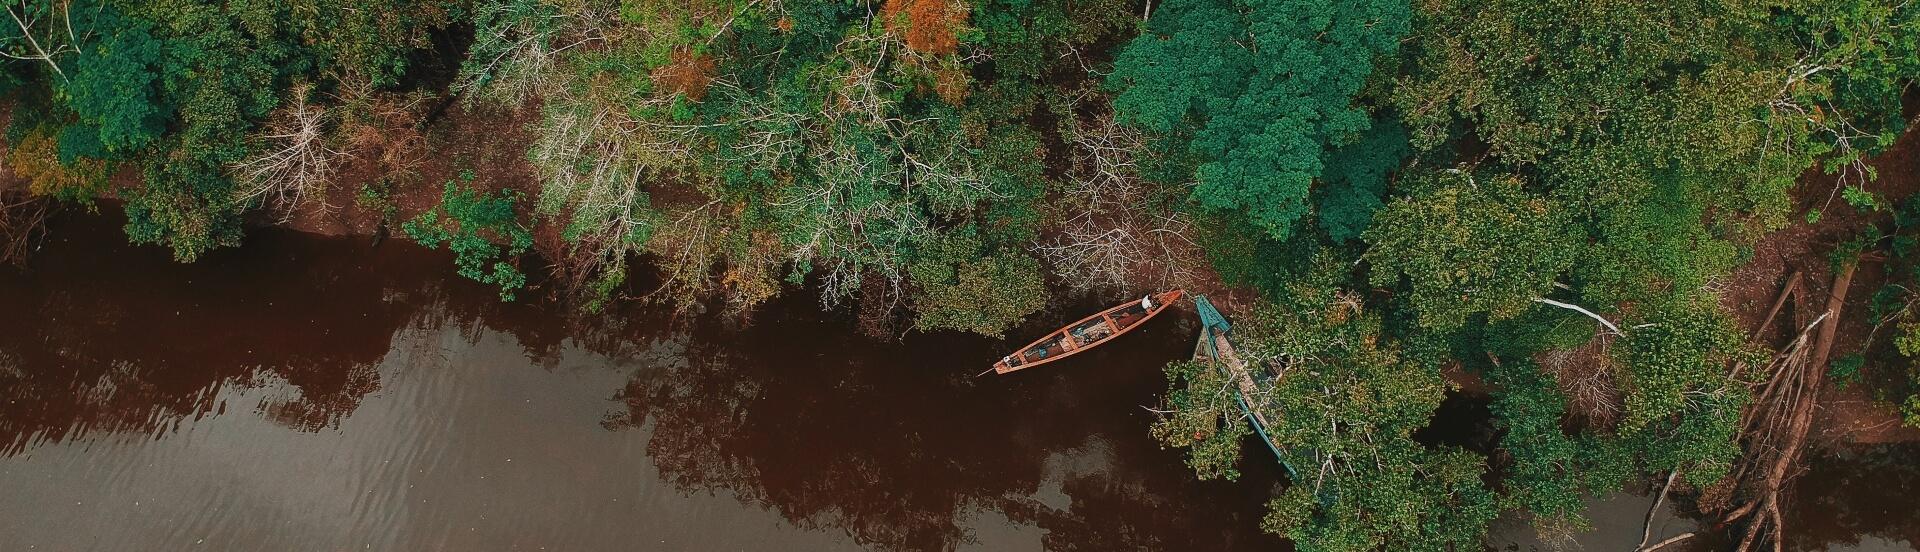 10 Dias 9 Noches en Pacaya Samiria Reserva Nacional: El Dorado